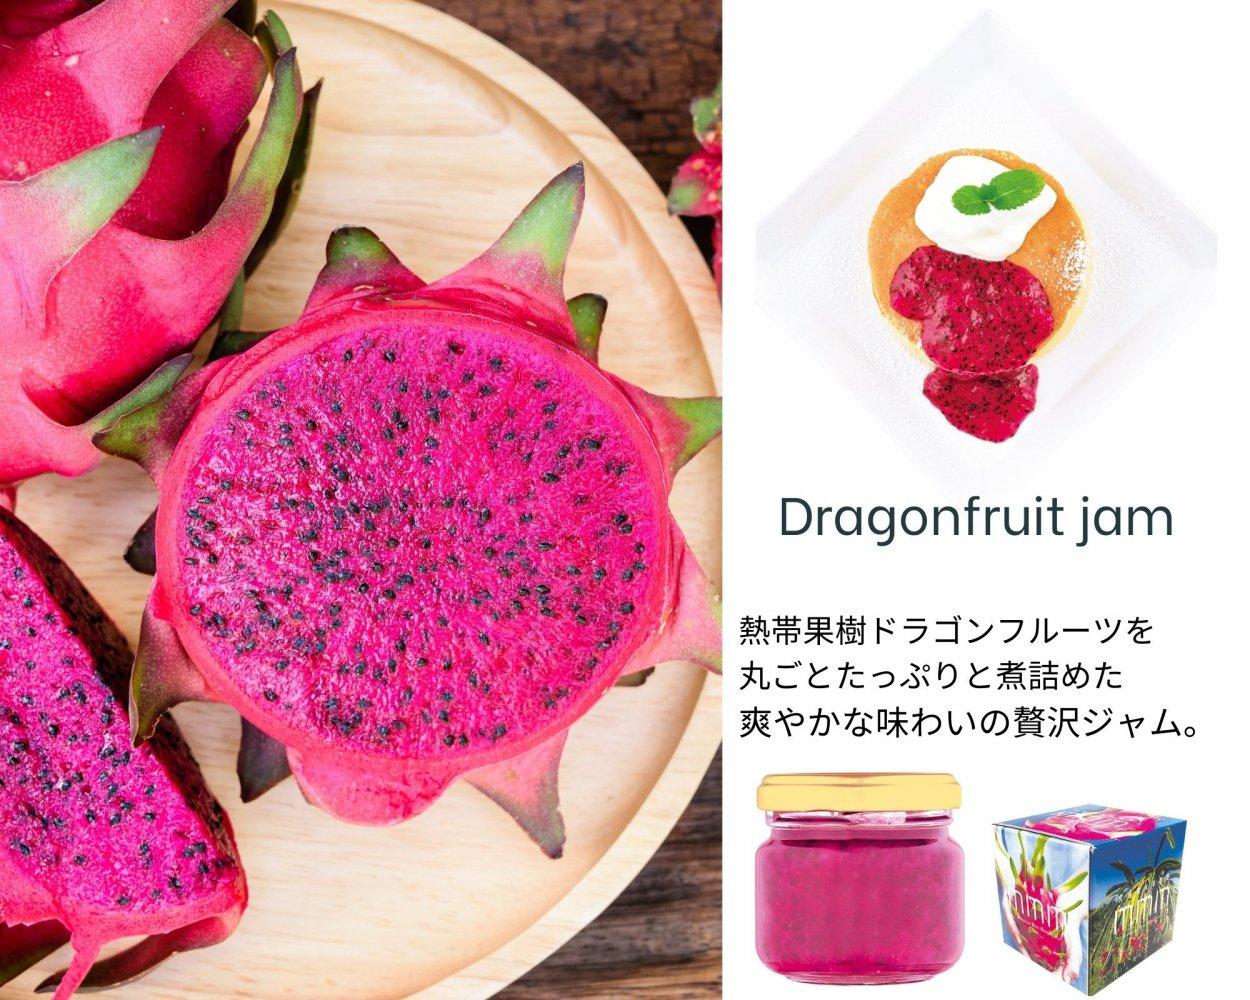 魅惑のドラゴンフルーツジャム